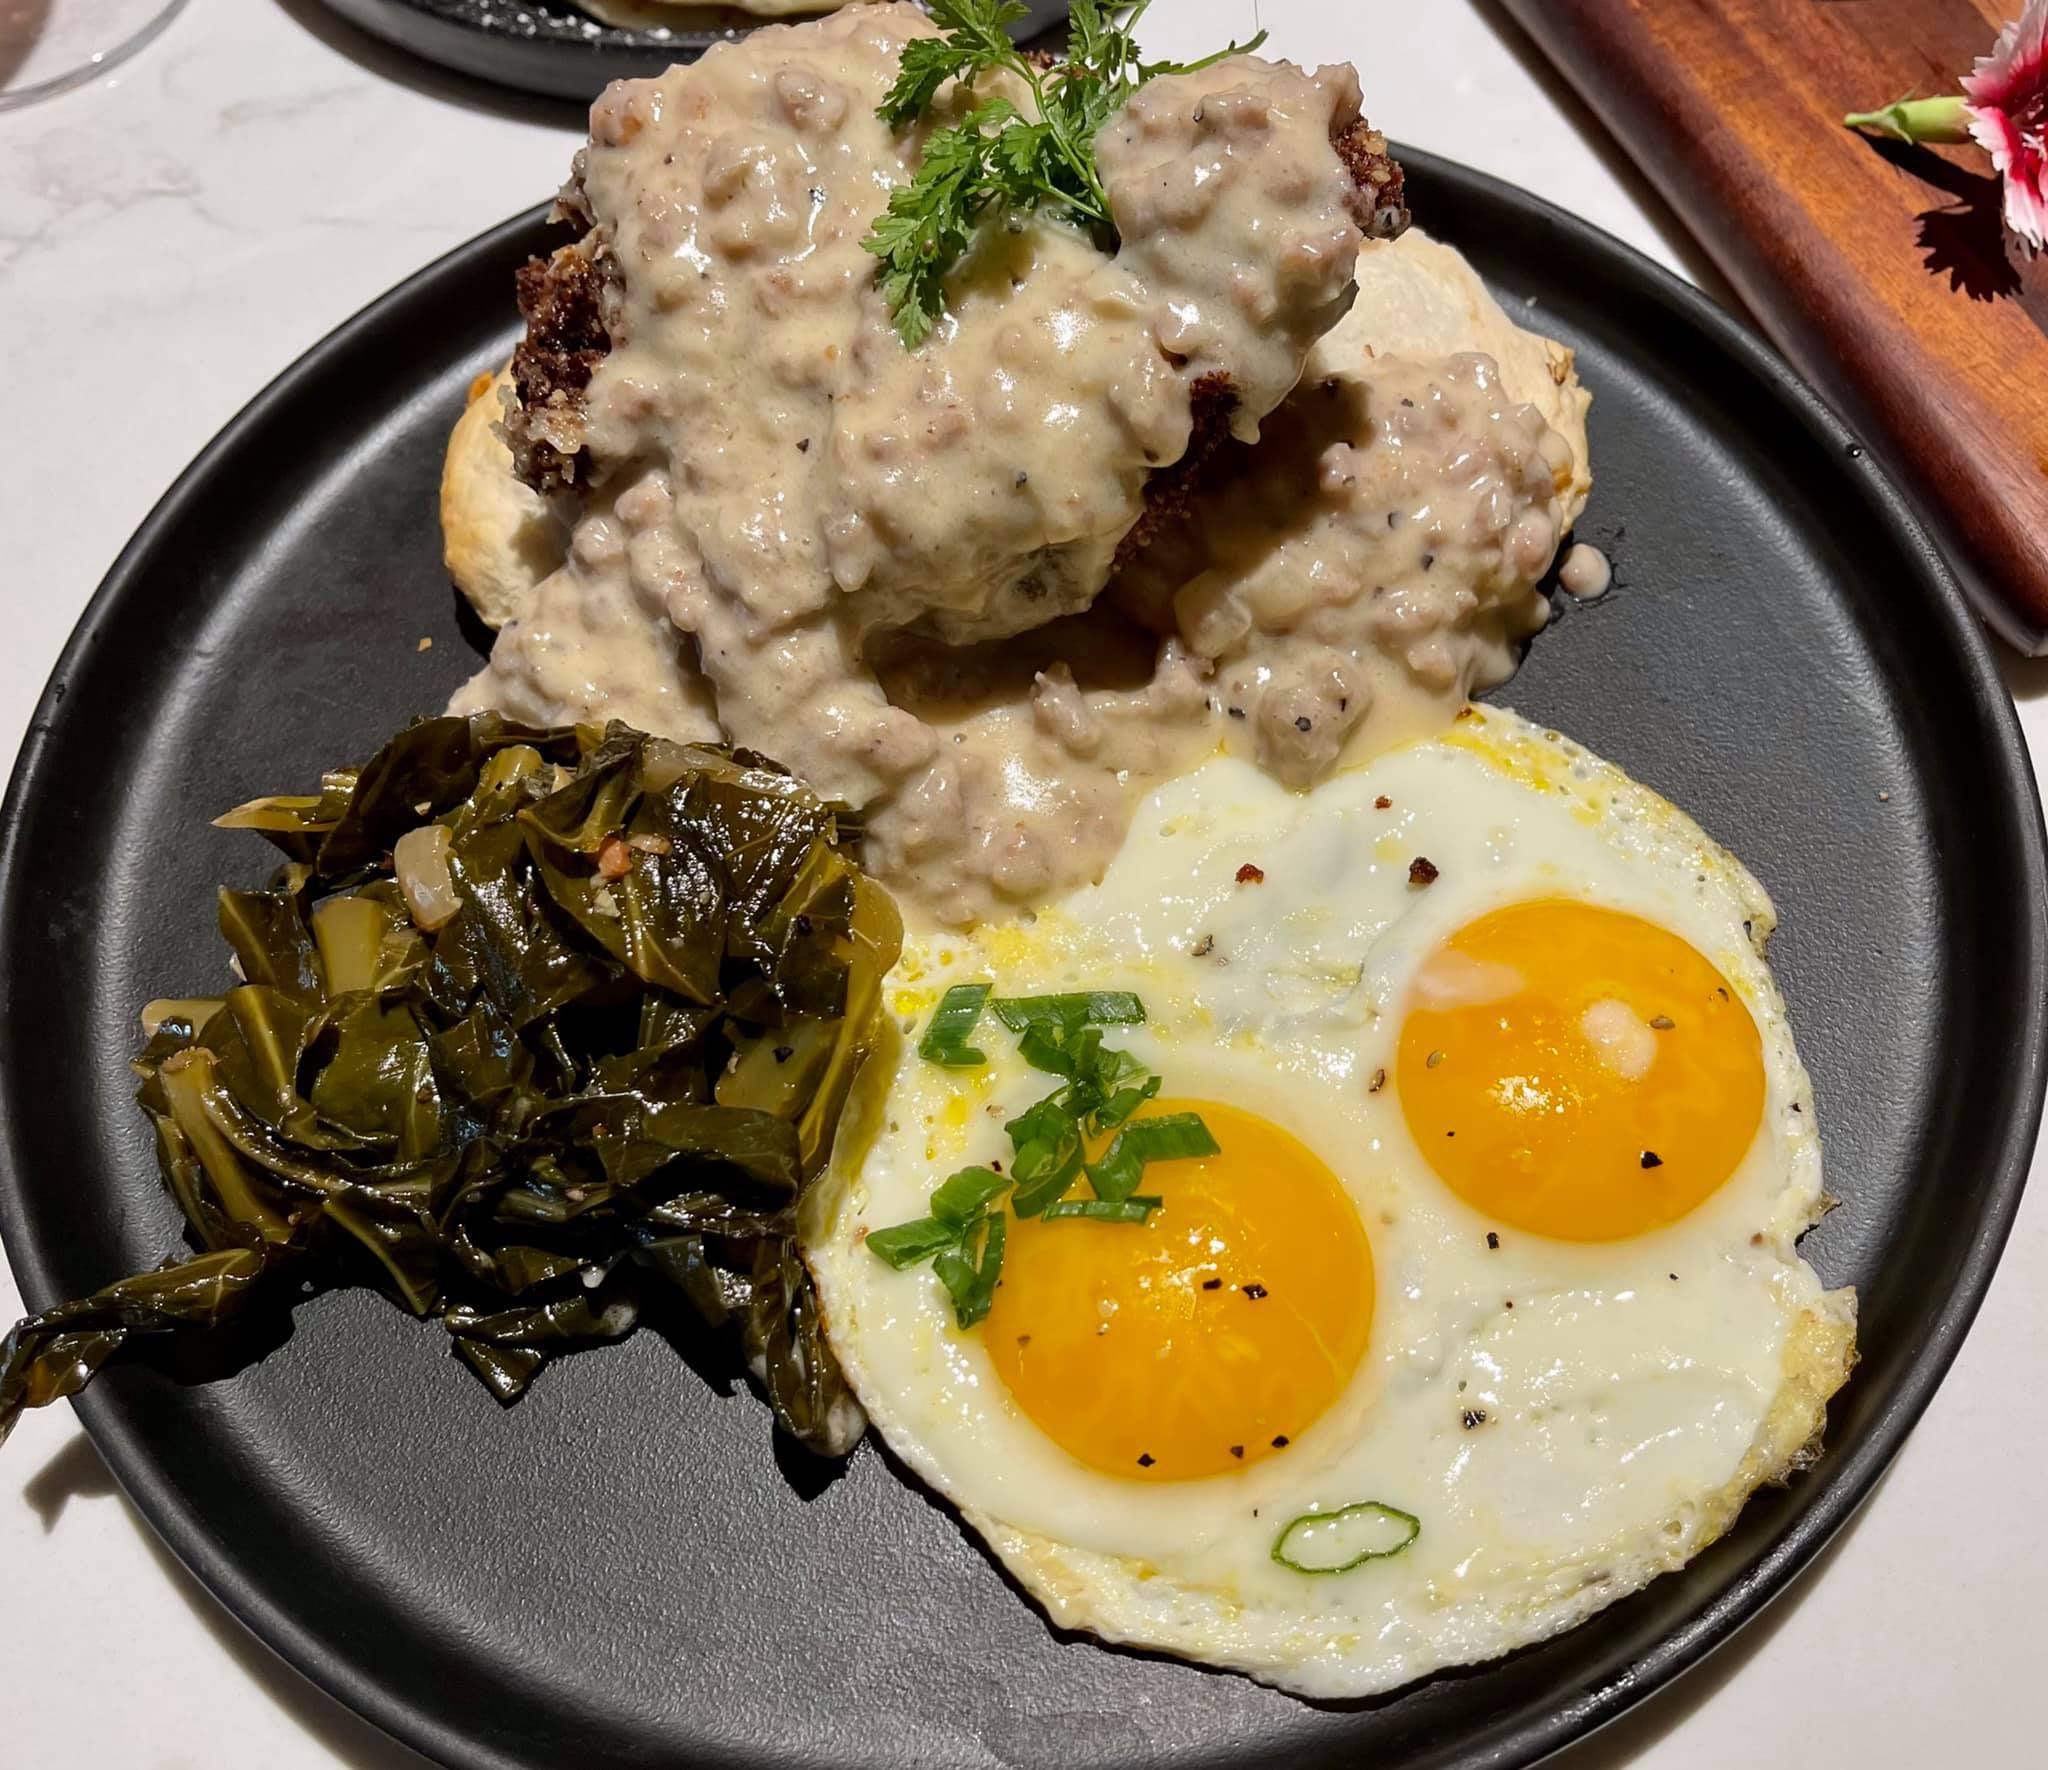 Chicken & Biscuits- House-Made Biscuit, Boneless Buttermilk-Fried Chicken Breast, Sausage Gravy, Poached Eggs, Collard Greens